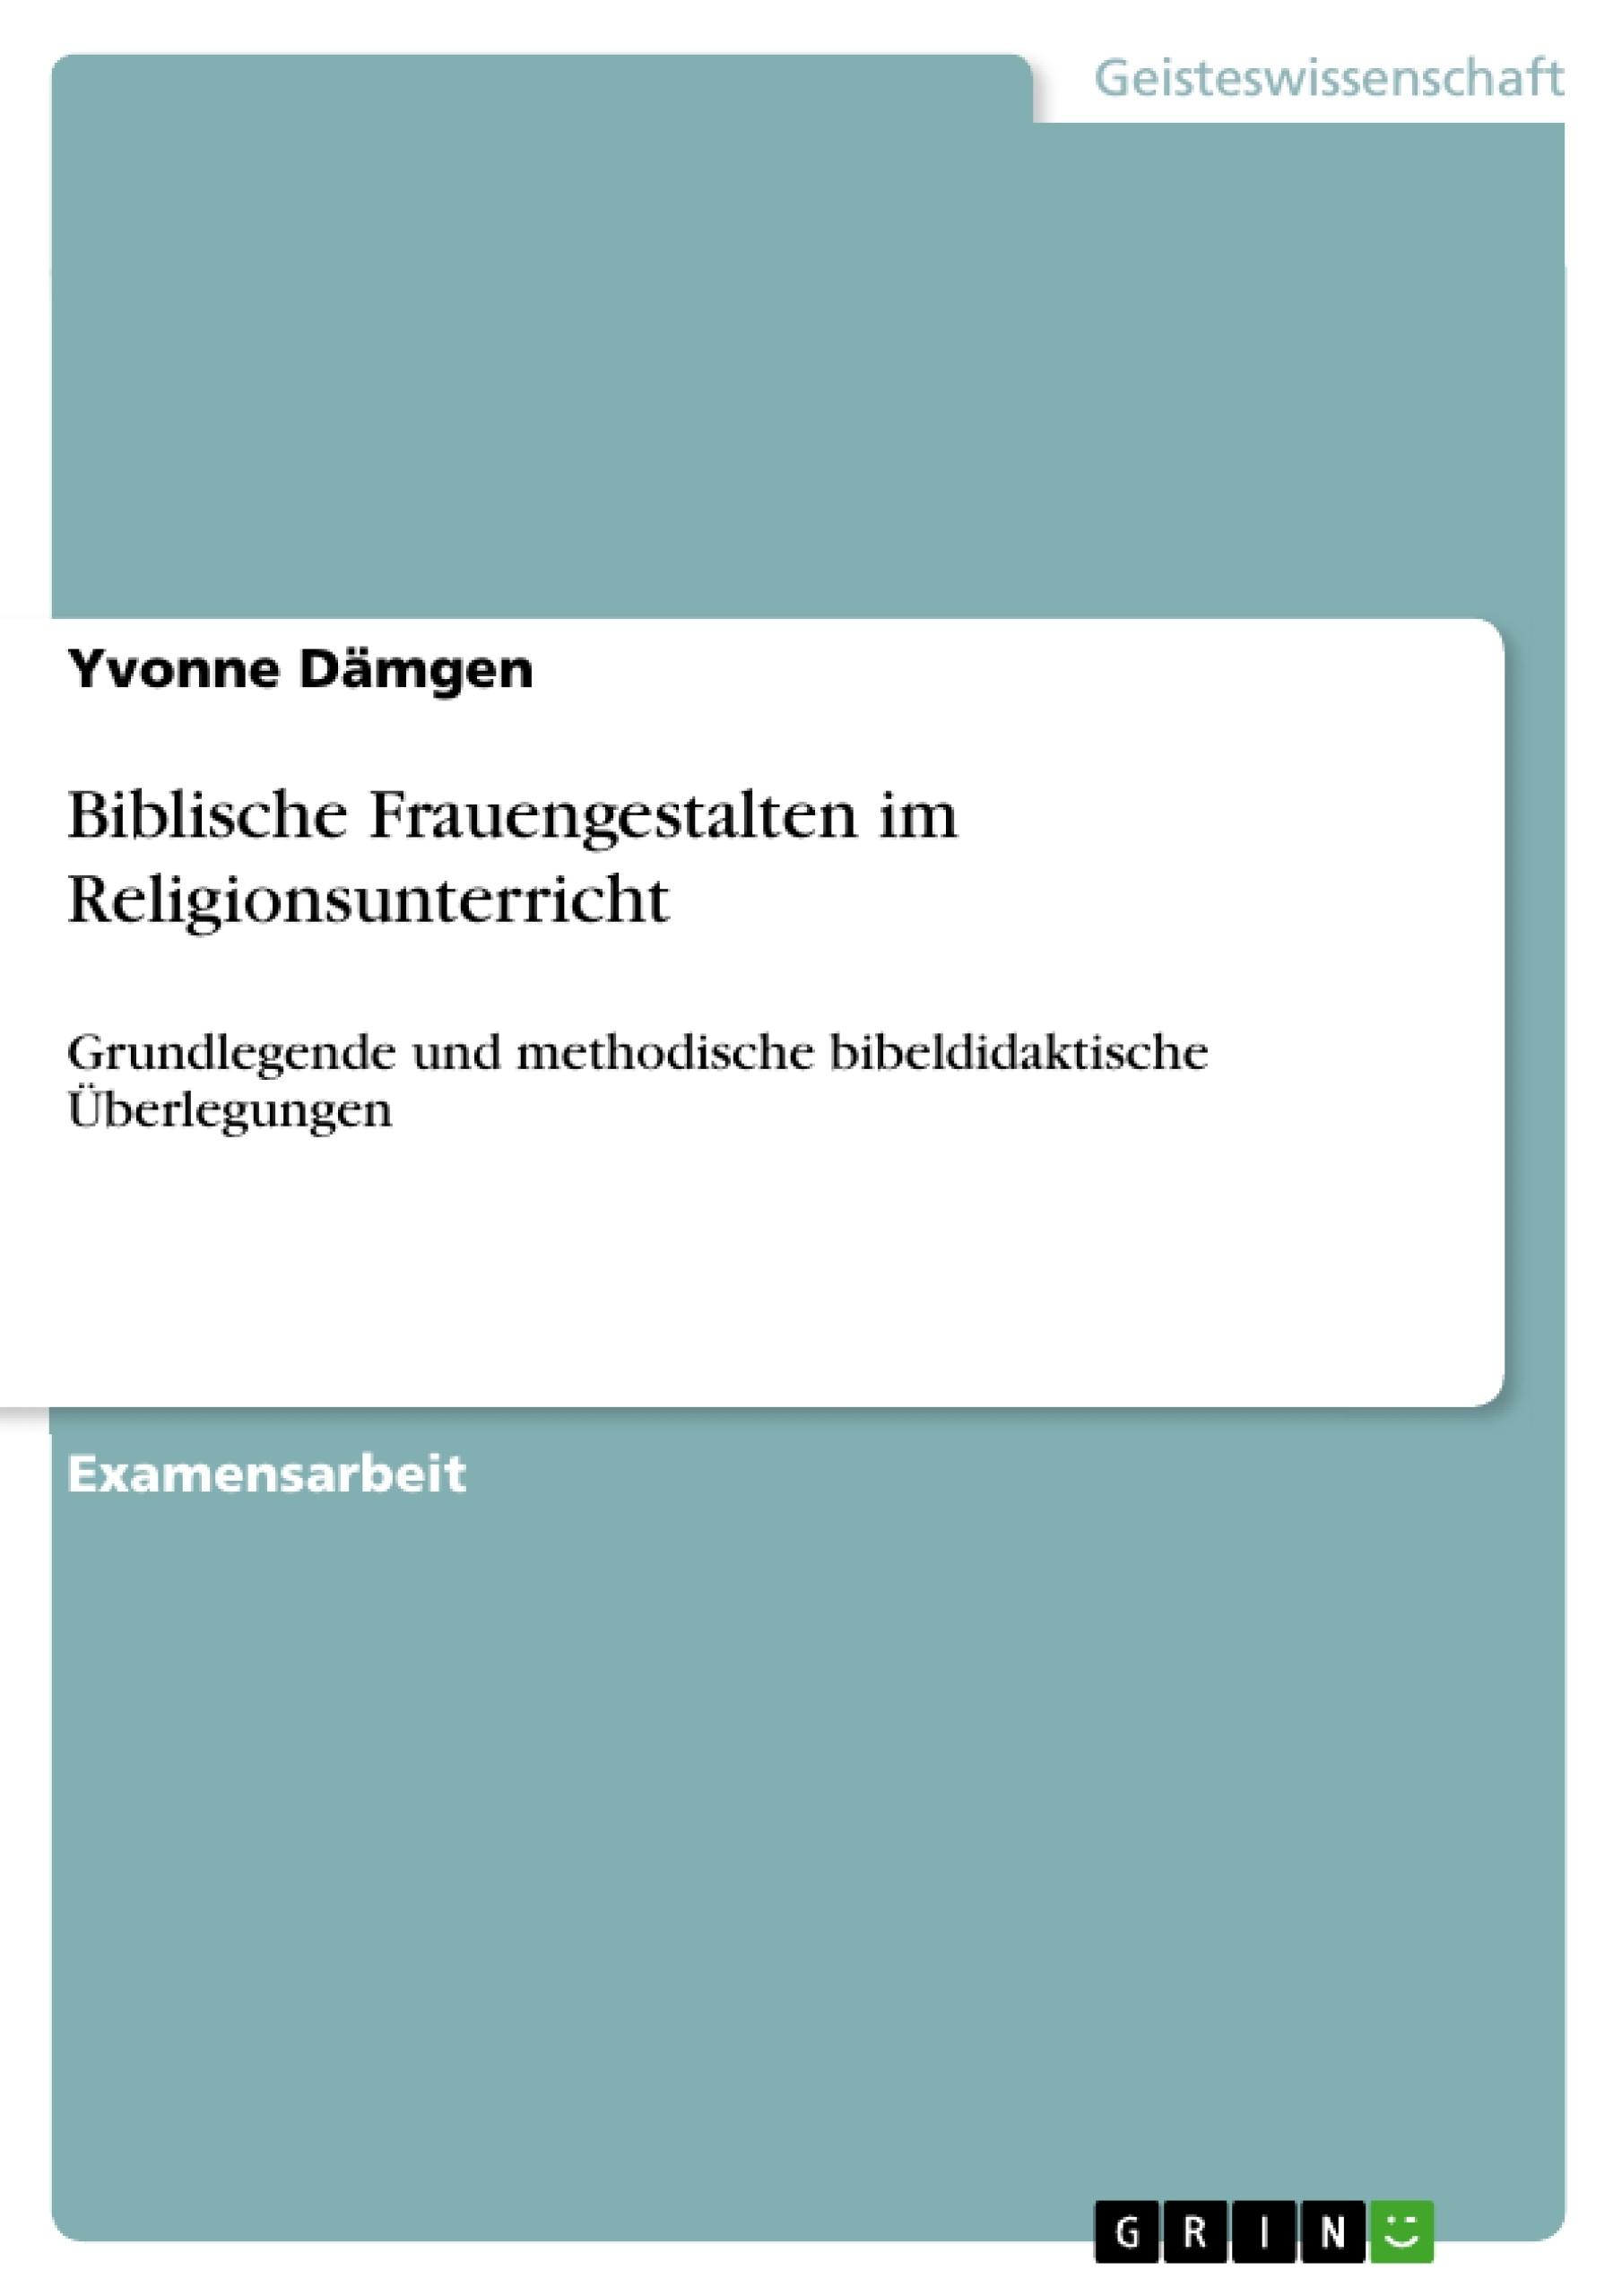 Titel: Biblische Frauengestalten im Religionsunterricht